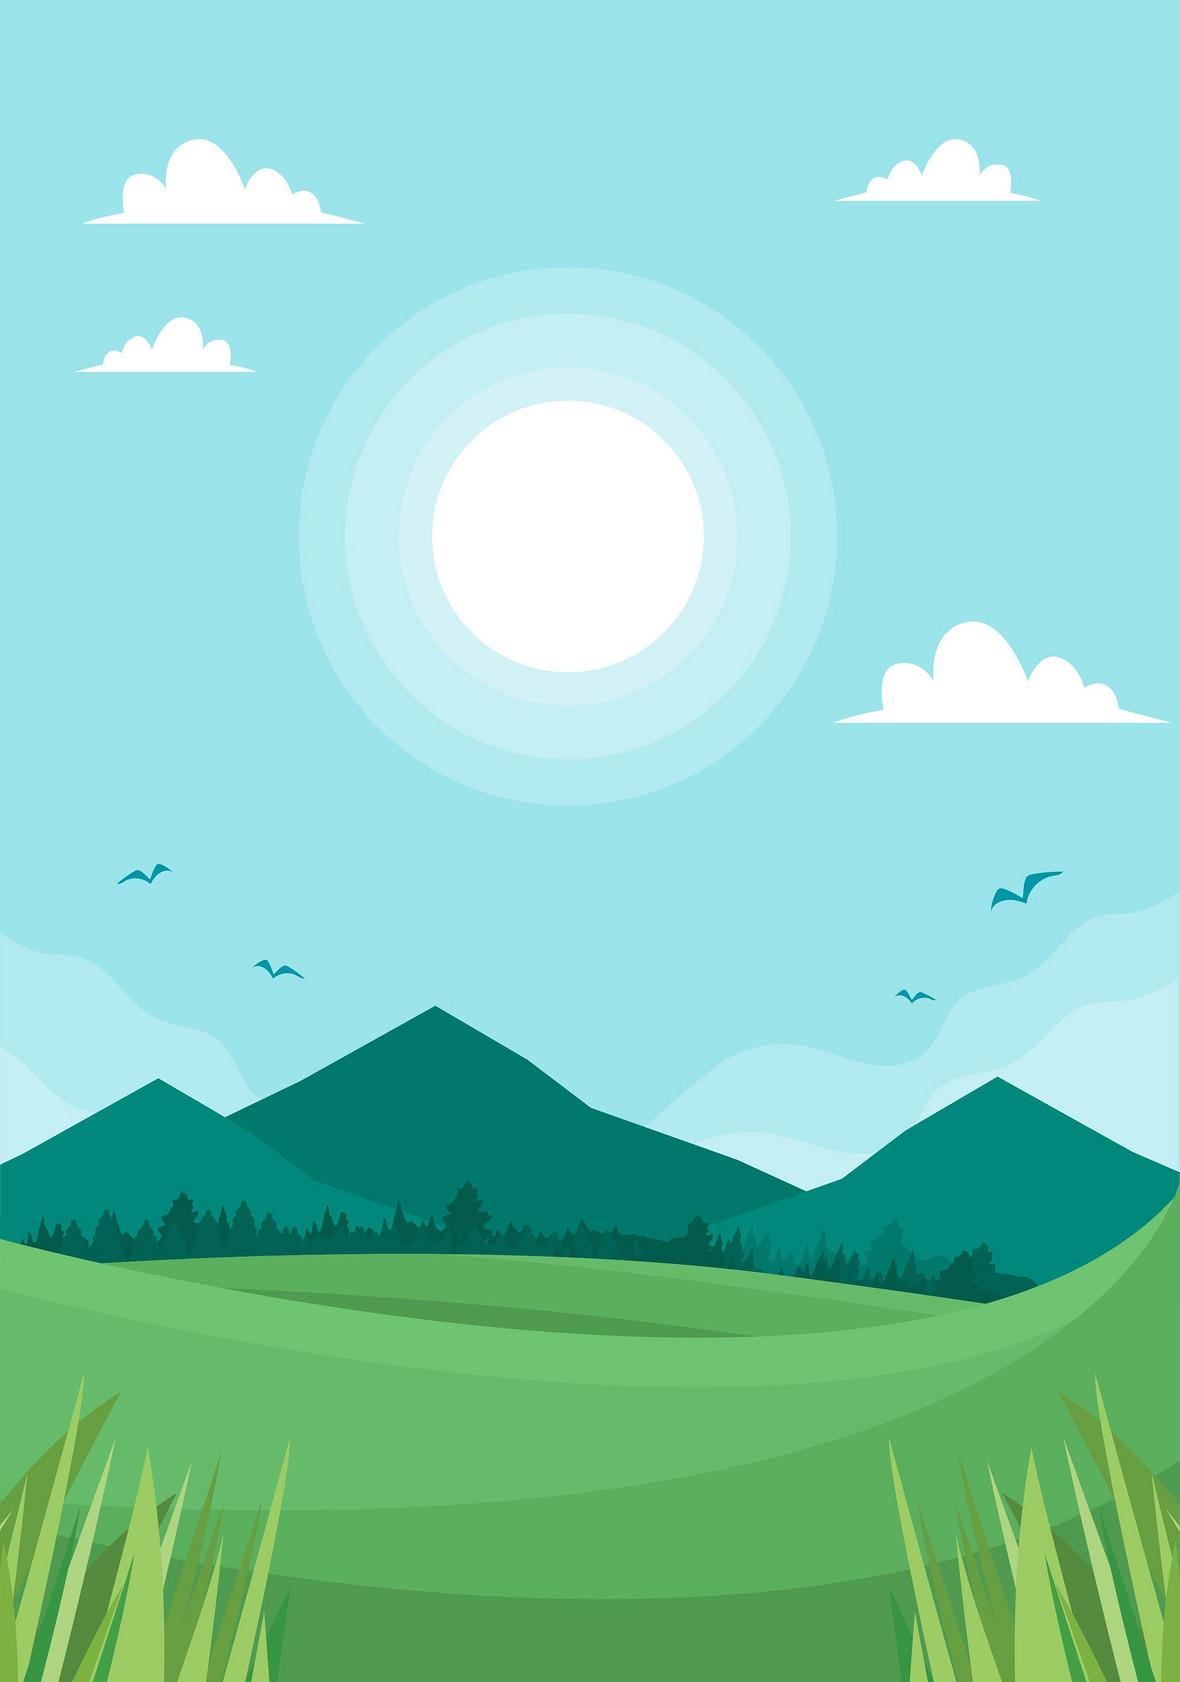 手绘草地绿树蓝天白云背景